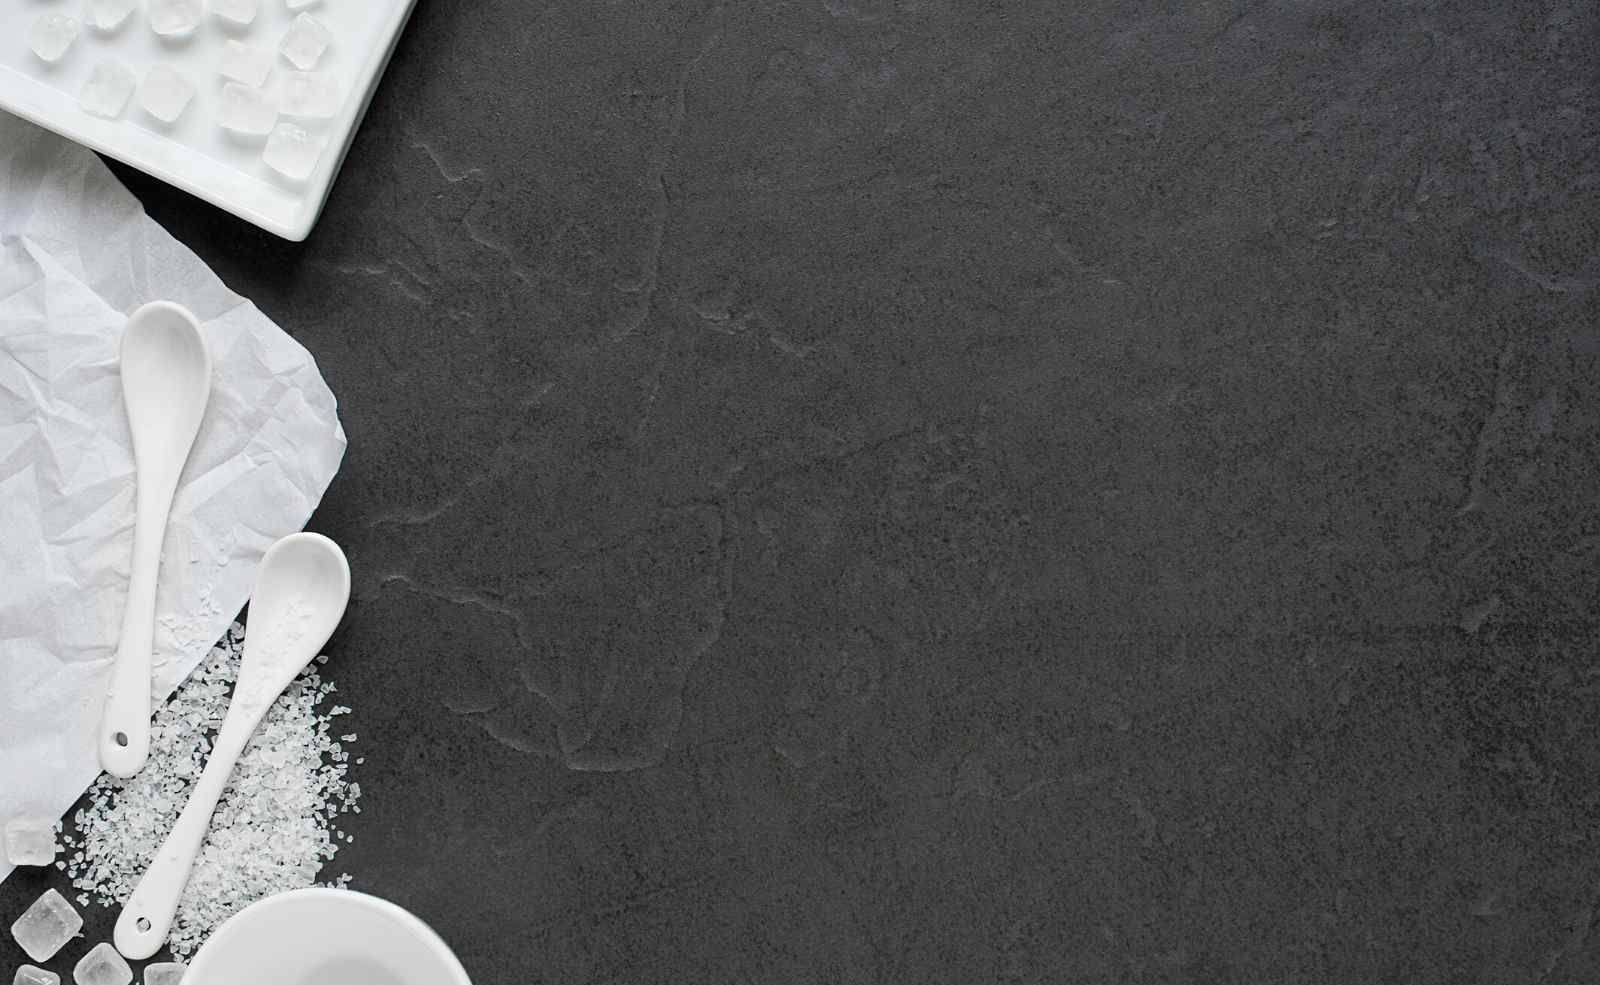 Arbeitsplatten Aus Quarzkomposit Vorteile Nachteile Marken Hersteller Reinigung Und Pflege Kuchenfinder In 2020 Arbeitsplatte Natursteine Kuche